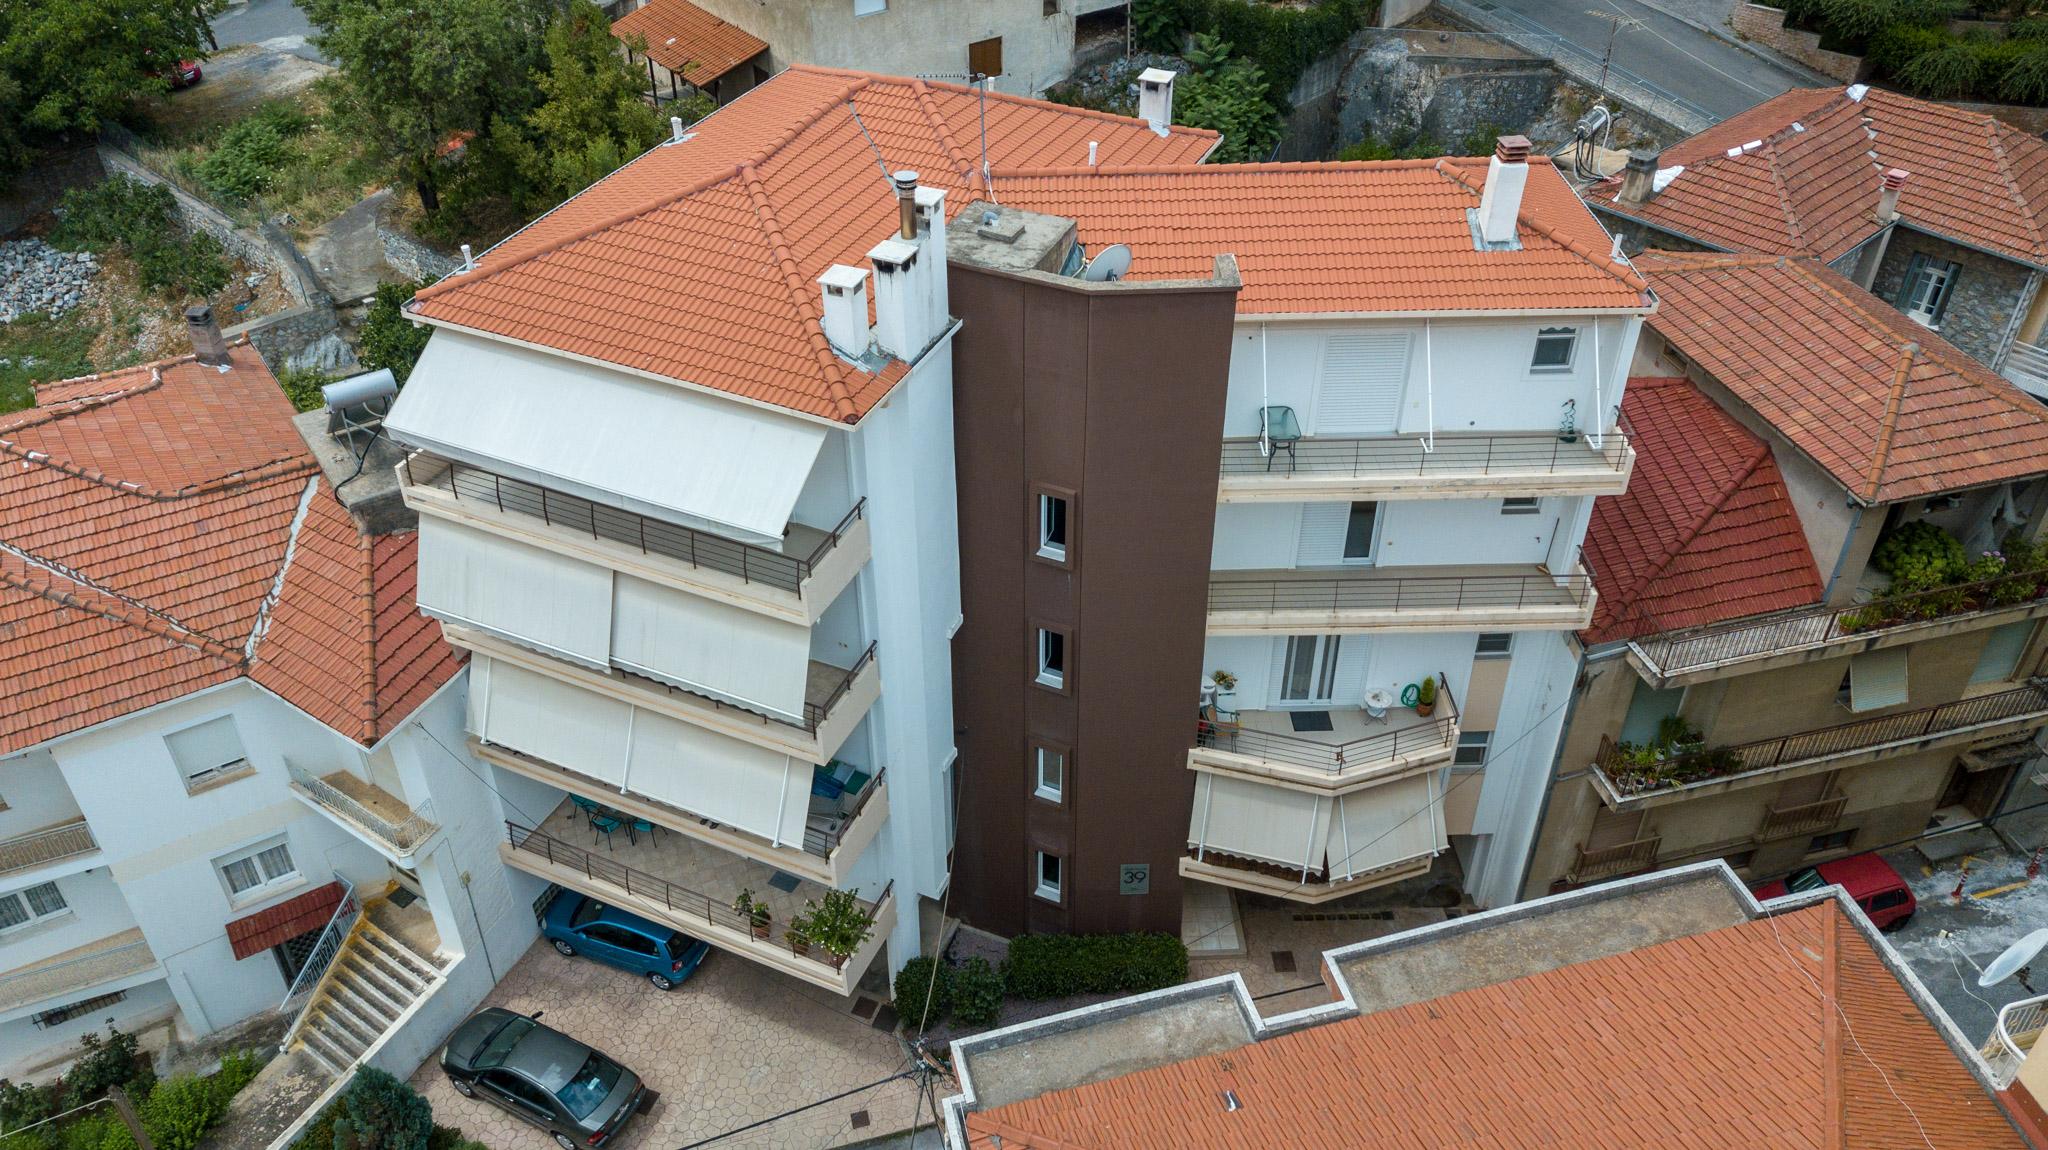 Multistorey Apartment Building